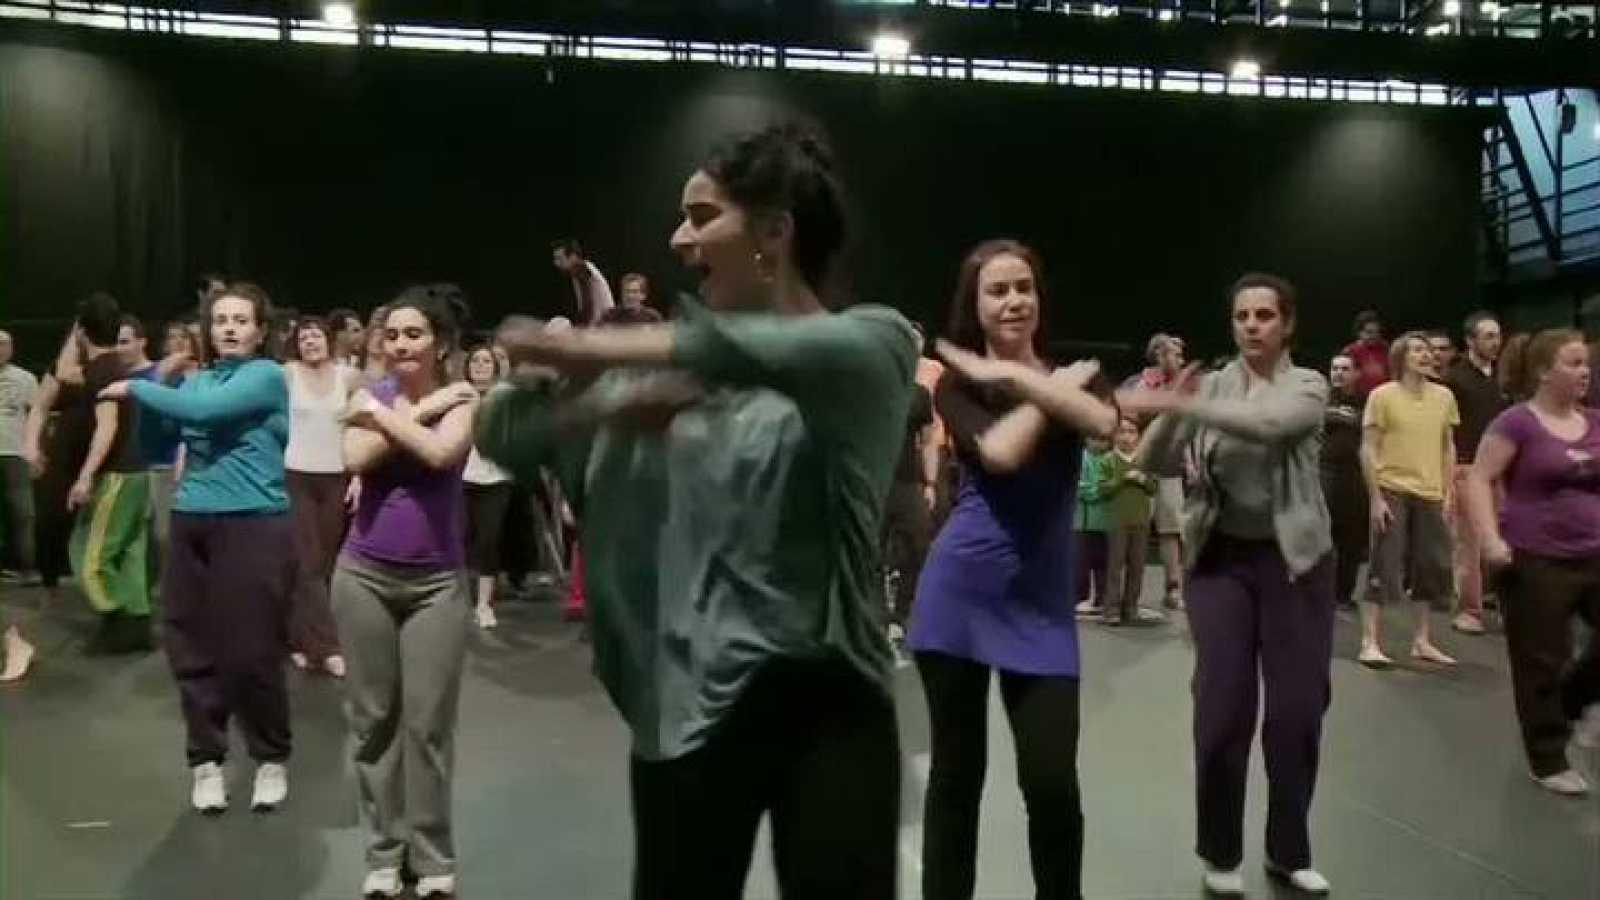 """Les ballets C de la B presentan """"C(h)oeurs"""" - ensayos de la coreografía"""